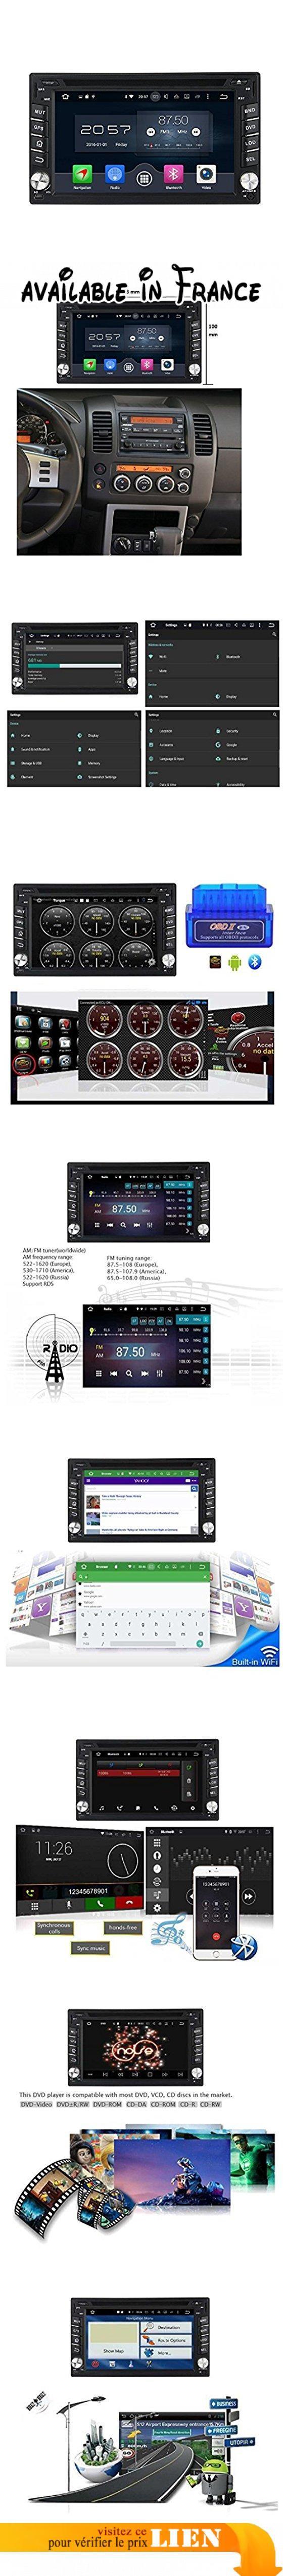 2 Din 6.2 pouces Android 6.0 OS stéréo de voiture pour Nissan Pathfinder 2005 2006 2007 2008 2009 2010,DAB+ radio 800x480 écran tactile capacitif Cortex A53 8 Core 1.5G CPU 2G DDR3 RAM 32G Flash GPS Navi Radio Lecteur DVD 3G/WIFI Aux Input OBD2 USB/SD DVR. Android 6.0.1 marshmallow os doublé din autoradio pour Nissan Pathfinder(2005-2010),Rockchip PX5 Cortex A53 8 Core 1.5Ghz CPU, DDR3 2G RAM, 32G NAND flash,capacitif tactile multi-point. Logo de départ bricolage.Compatible